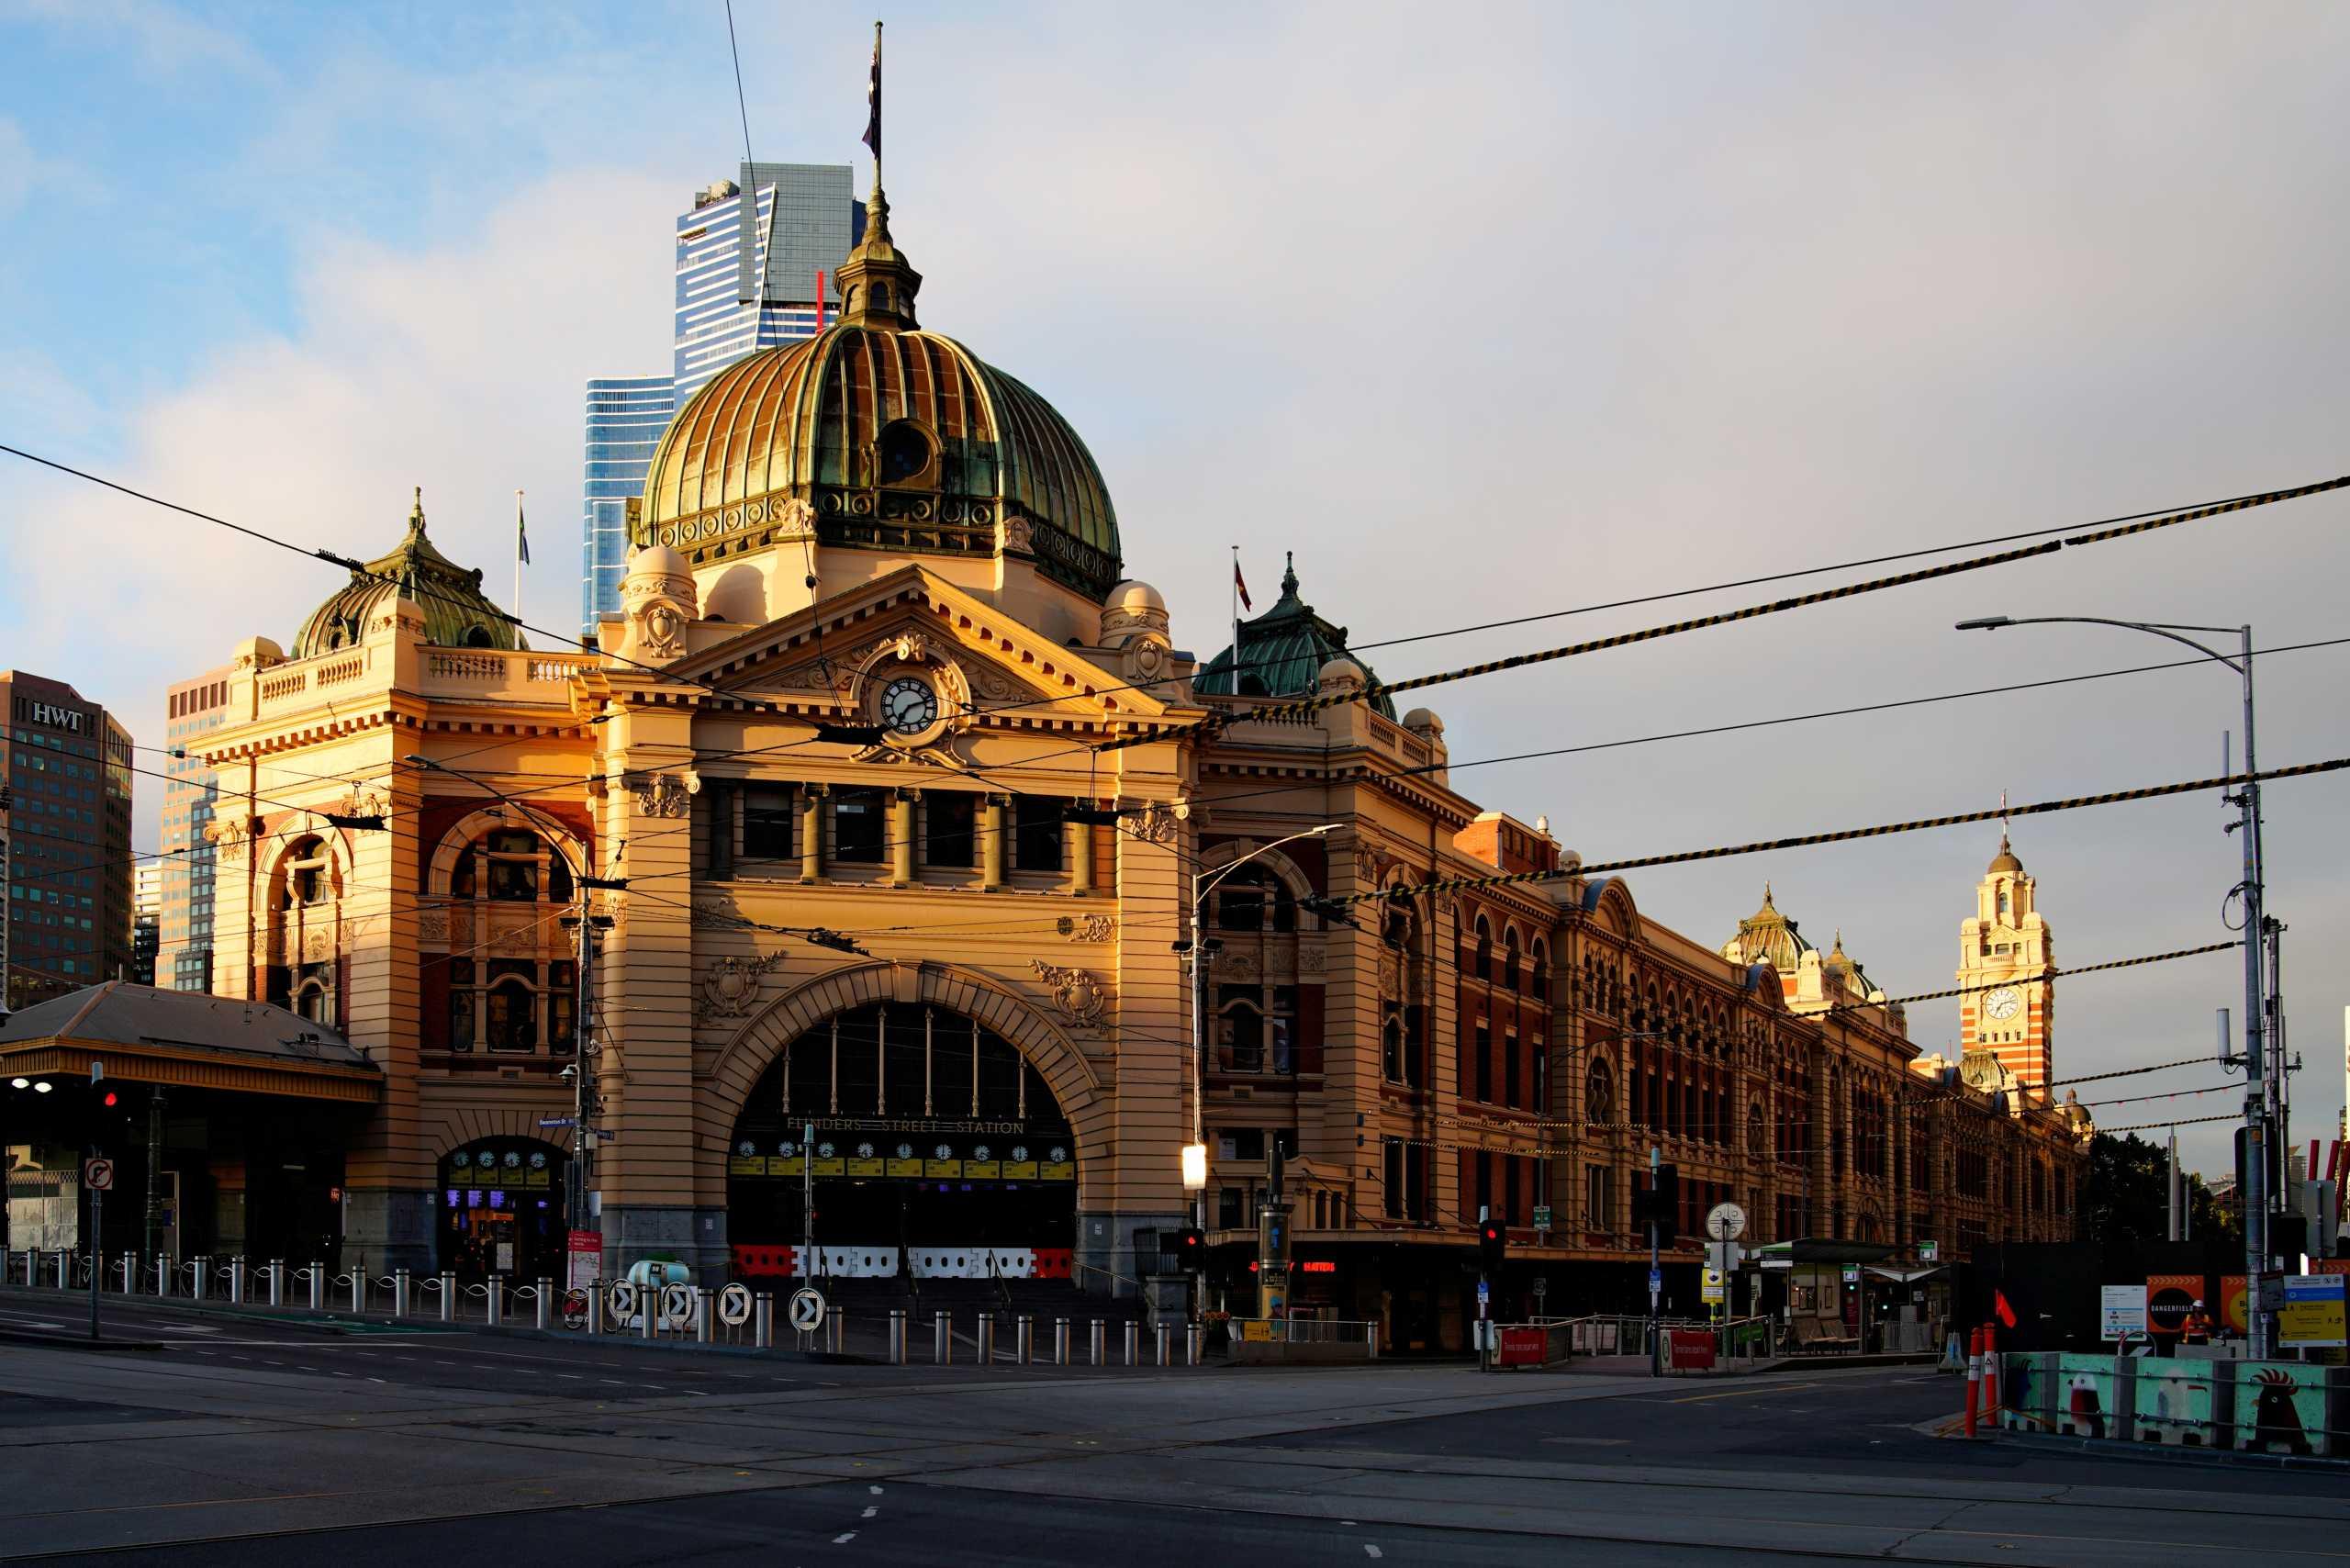 Αυστραλία: Η «ινδική» μετάλλαξη του κορονοϊού βάζει σε lockdown την Μελβούρνη